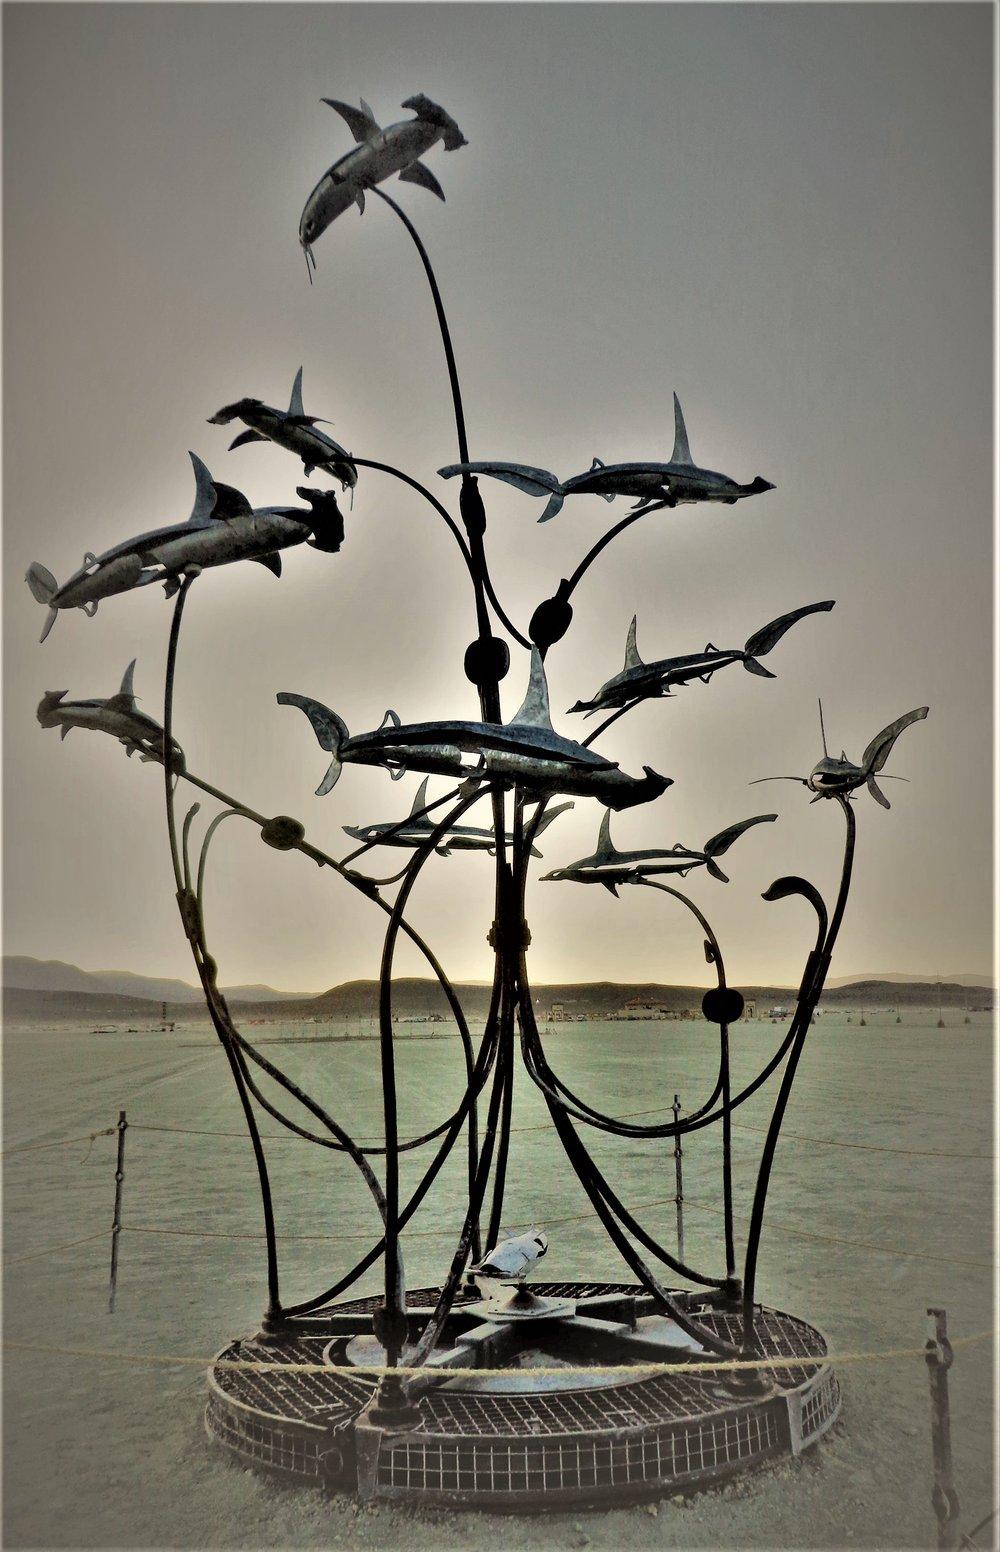 Sharky-go-round on the playa2.jpg